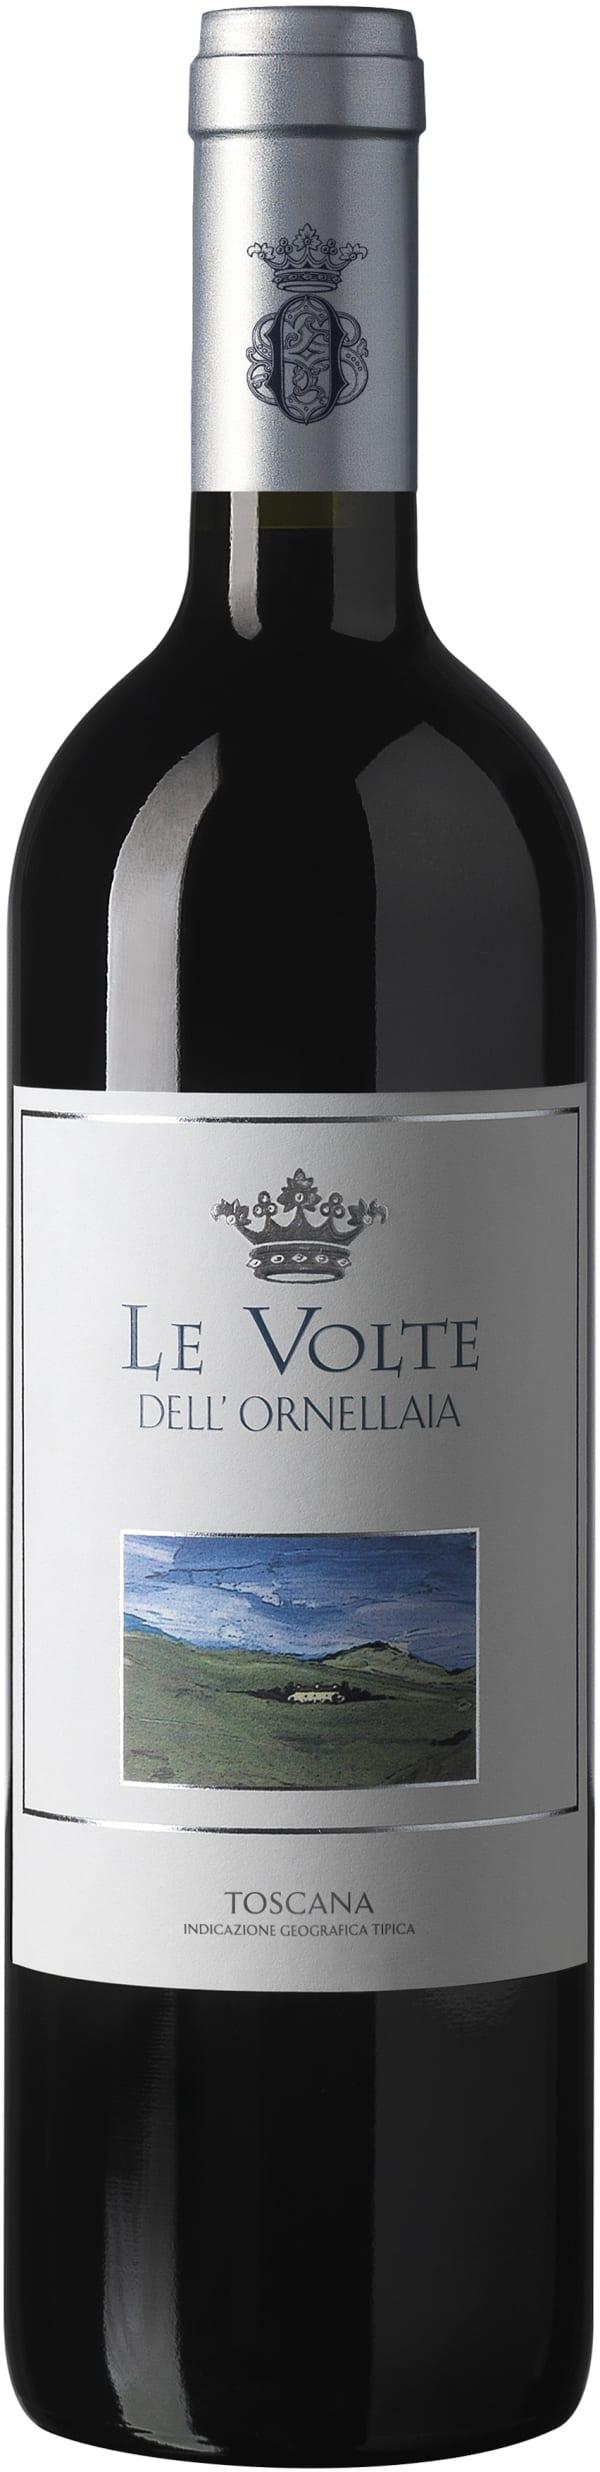 Ornellaia Le Volte 2016